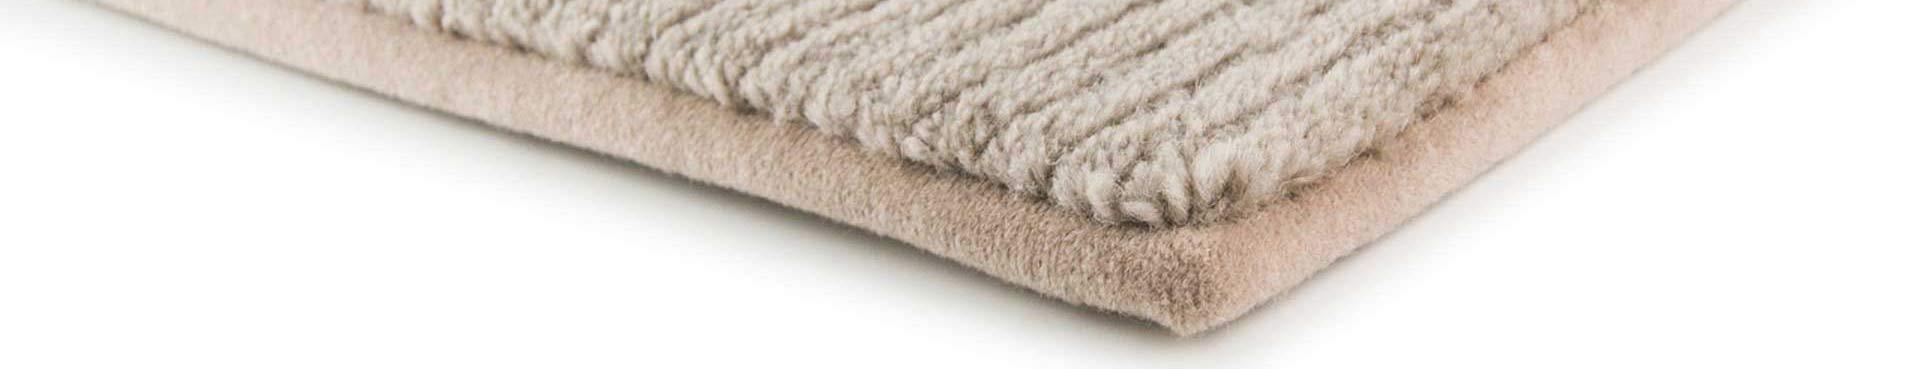 wool carpet fact